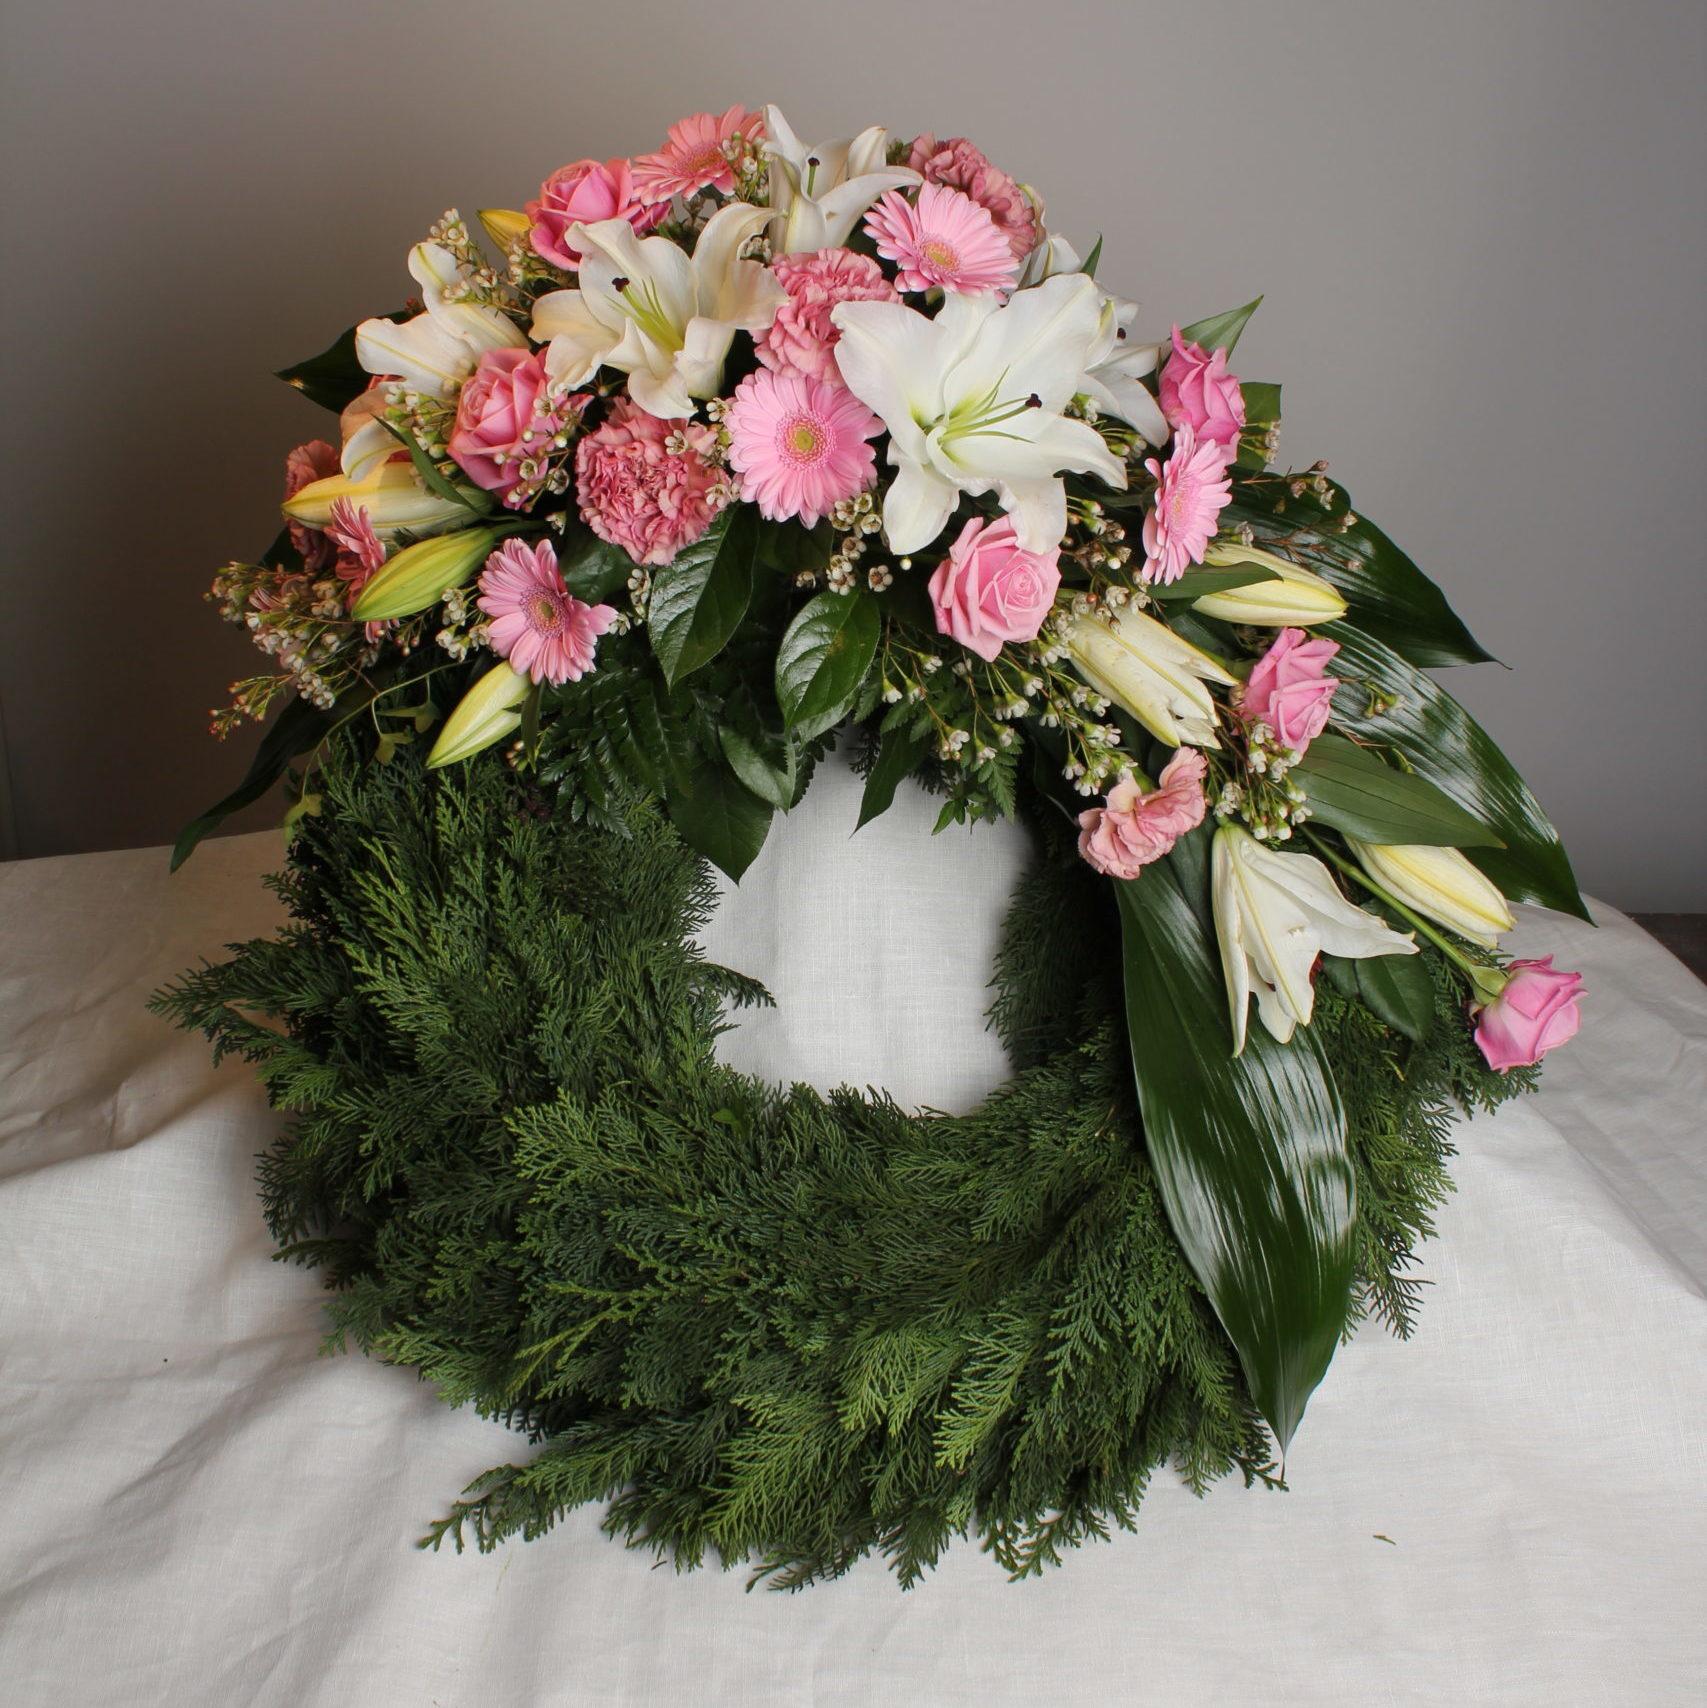 rosa krans begravning